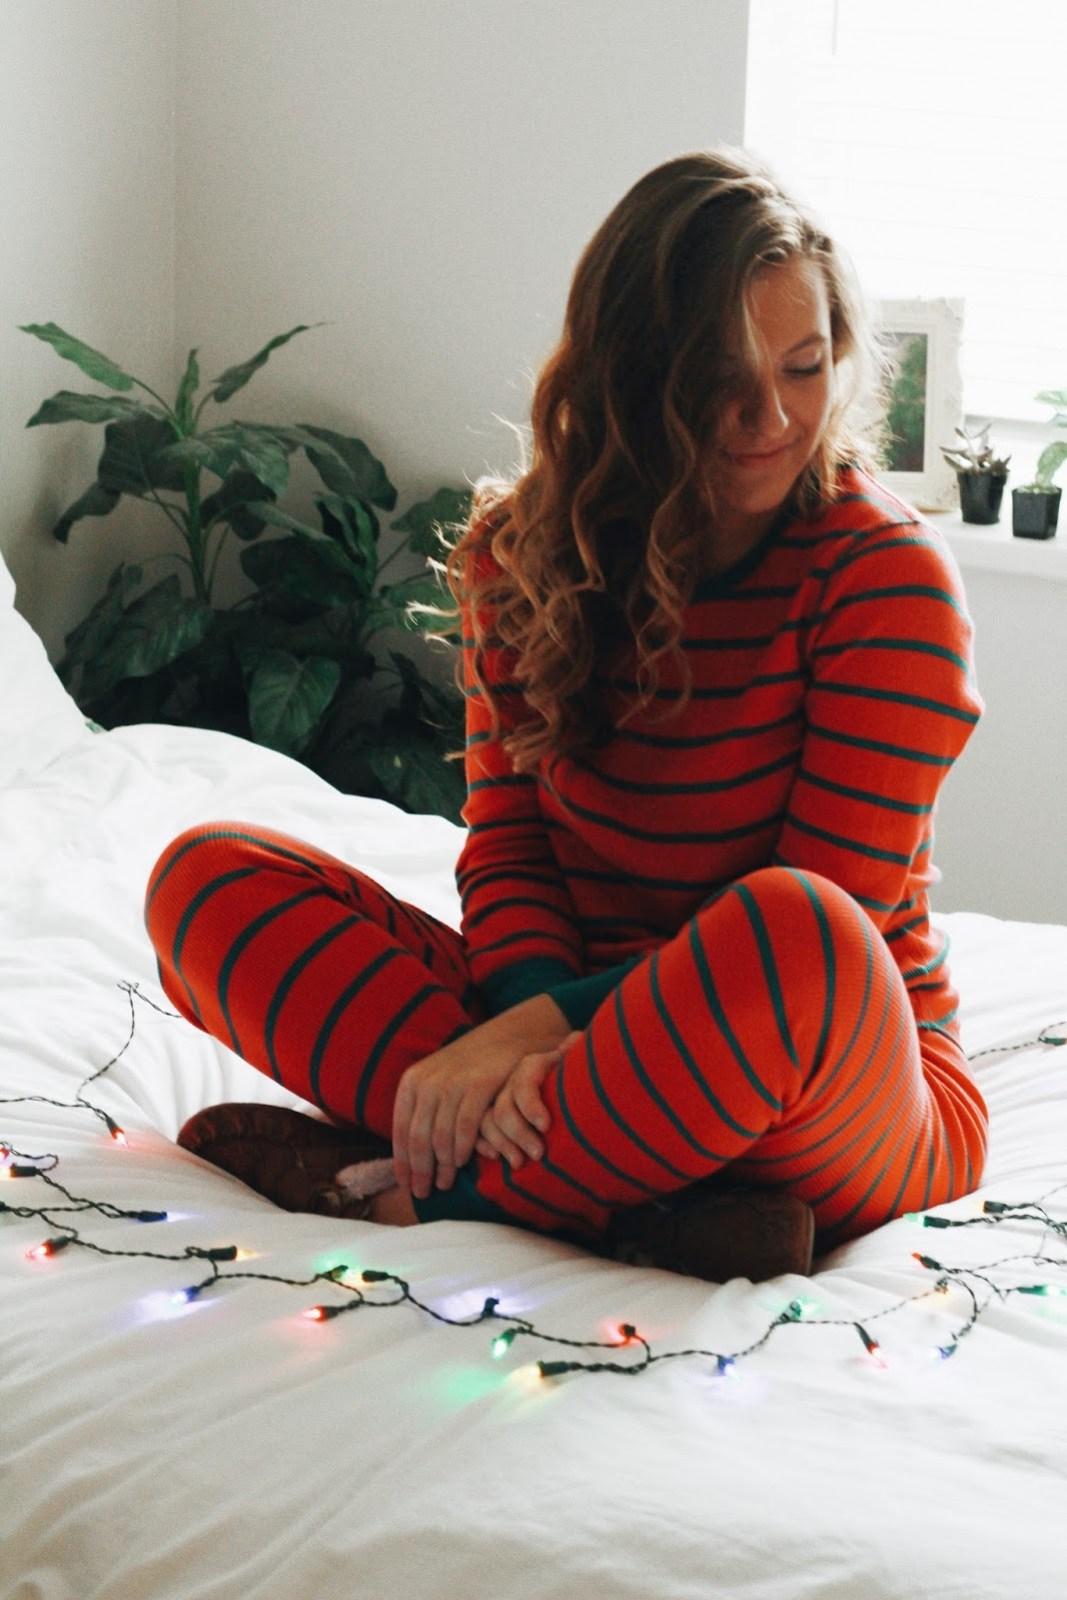 women striped christmas pajamas at home